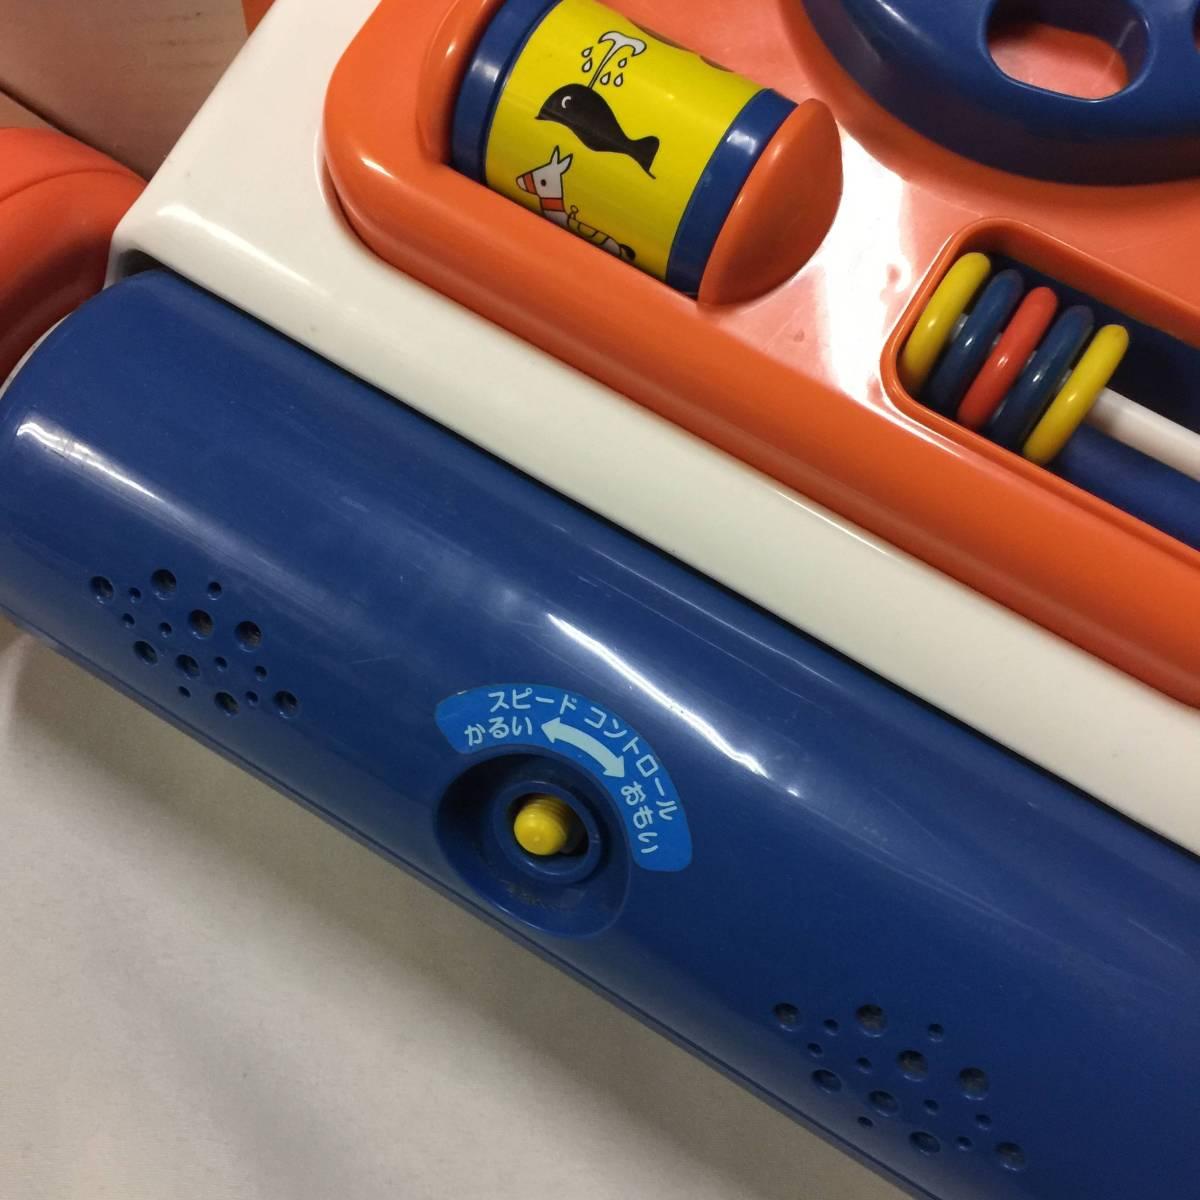 Miffy walker ミッフィー ウォーカー 押し車 手押し車 知育玩具 ides アイデス社製 8ヵ月~3歳_画像2